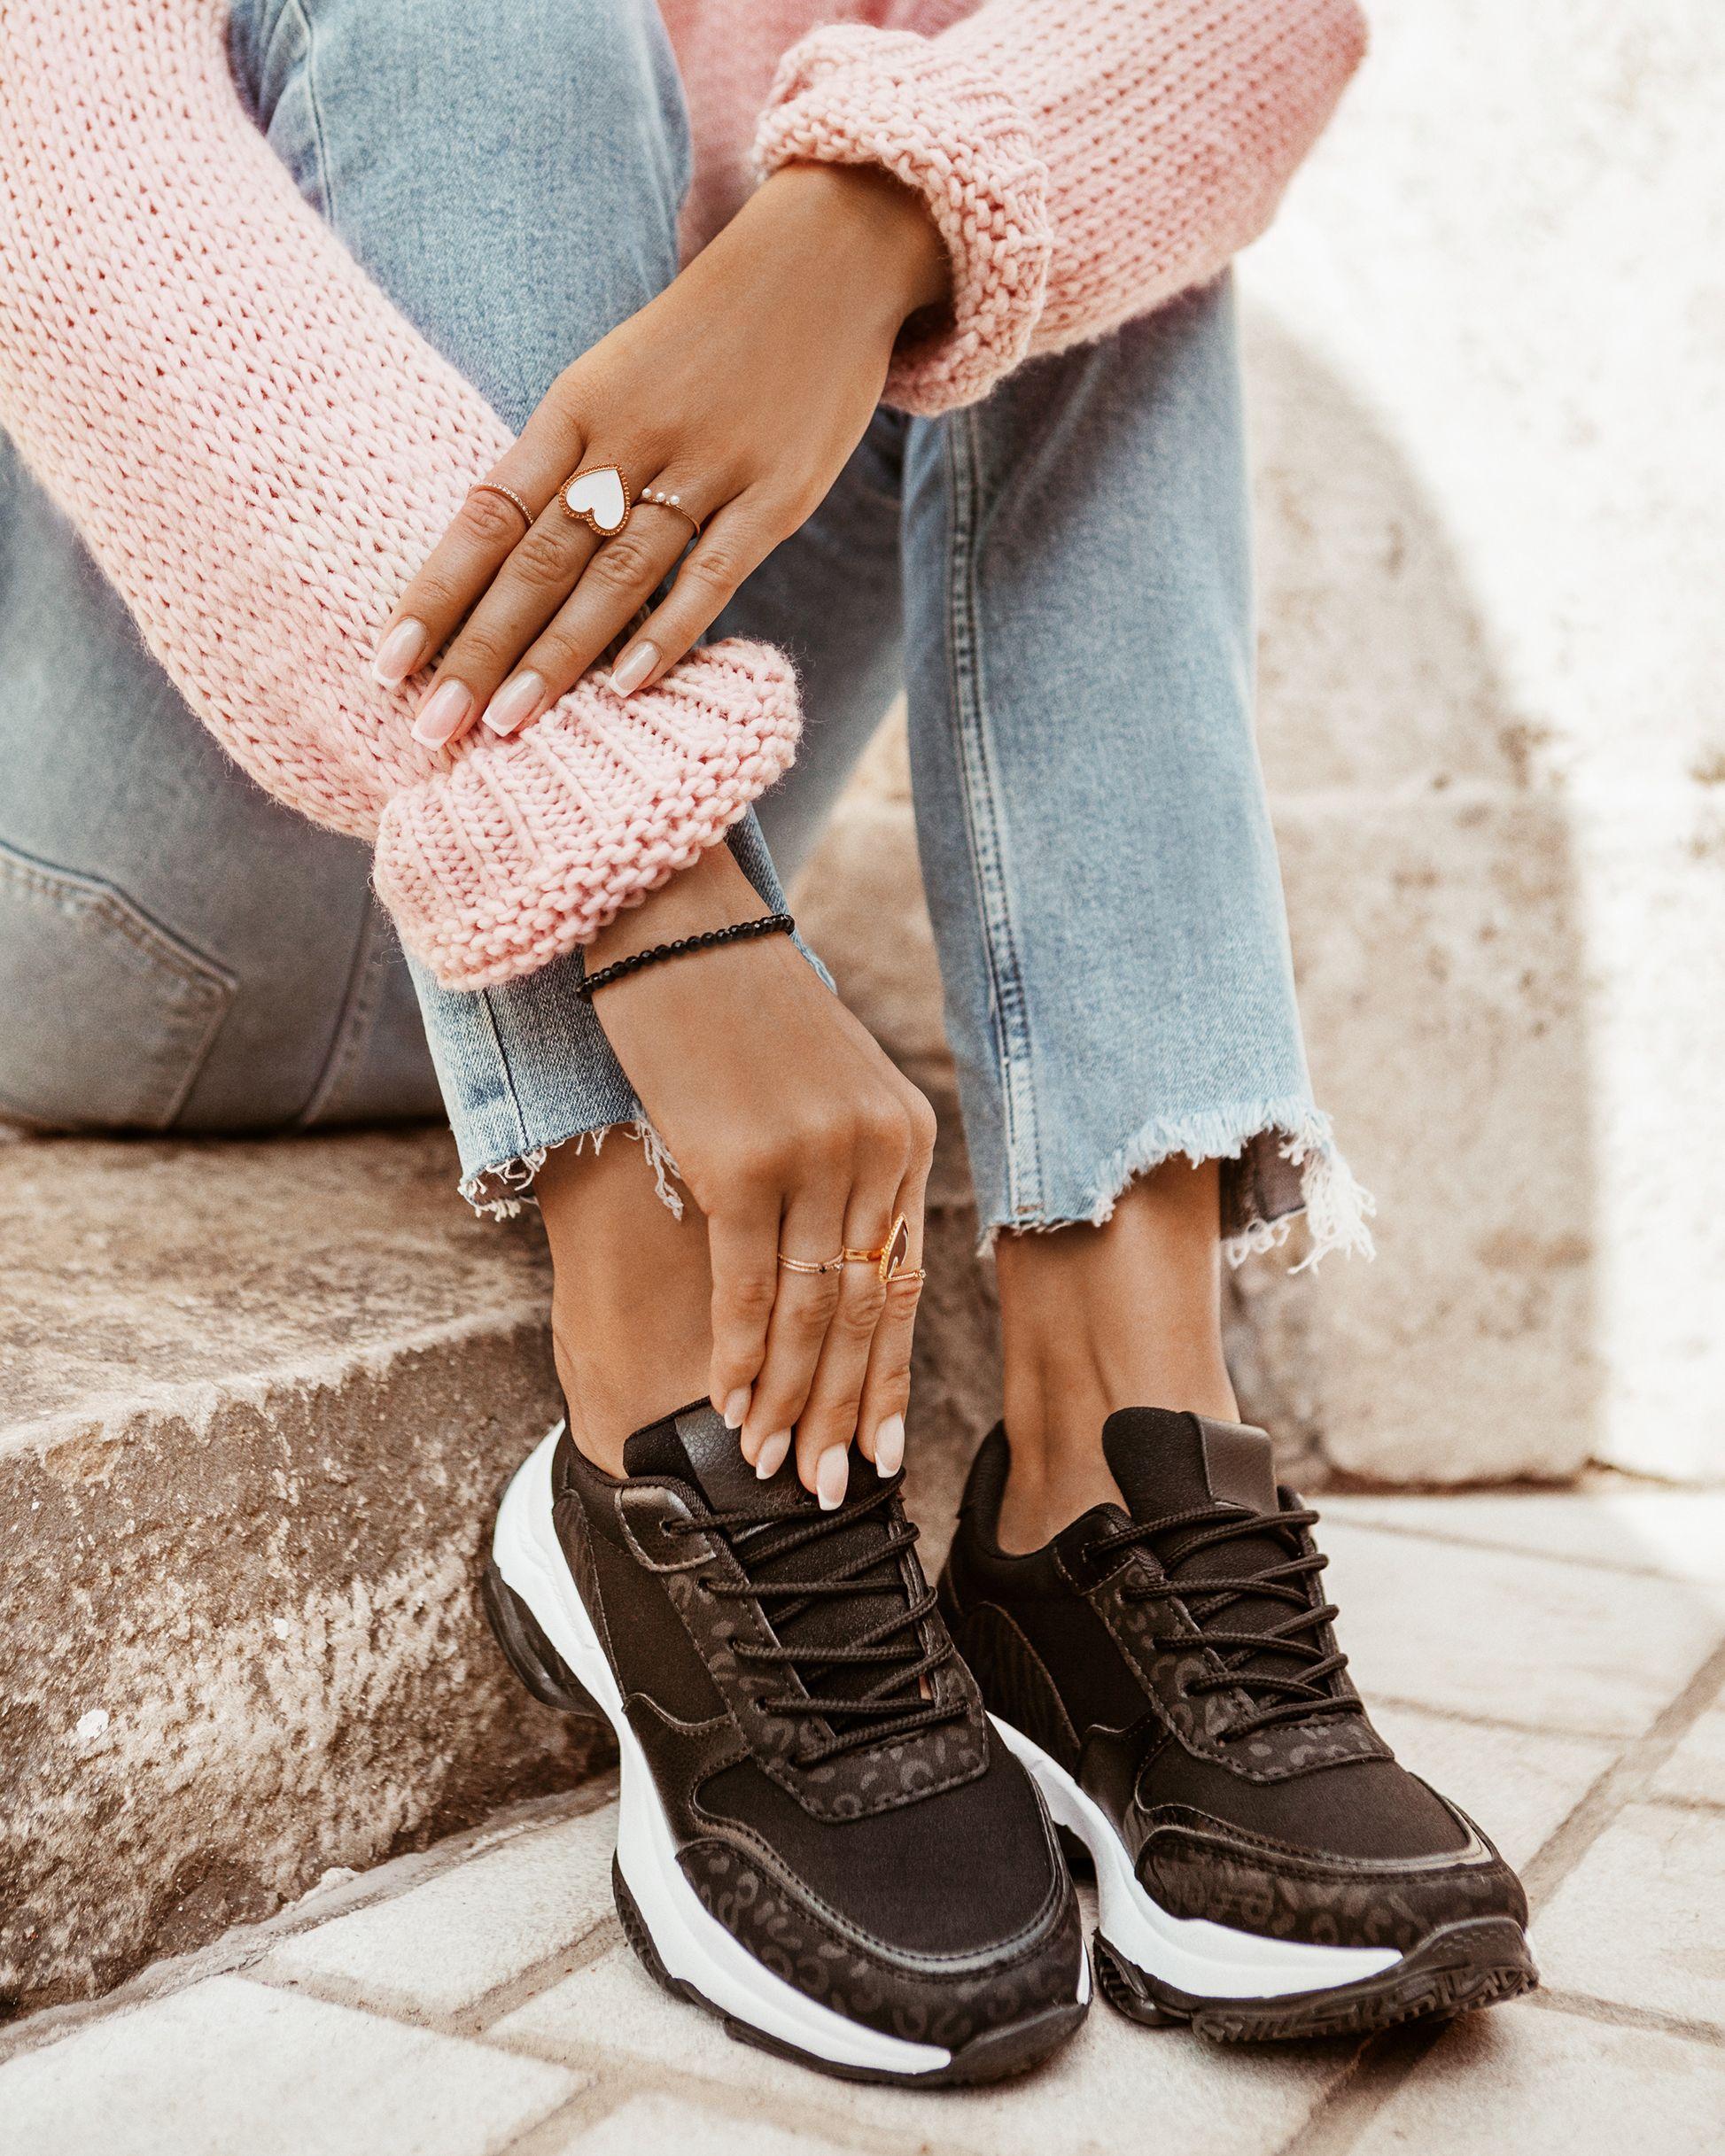 Czarne Sneakersy Louder W Sklepie Deezee Pl Black Sneakers Sneakers Sport Fashion